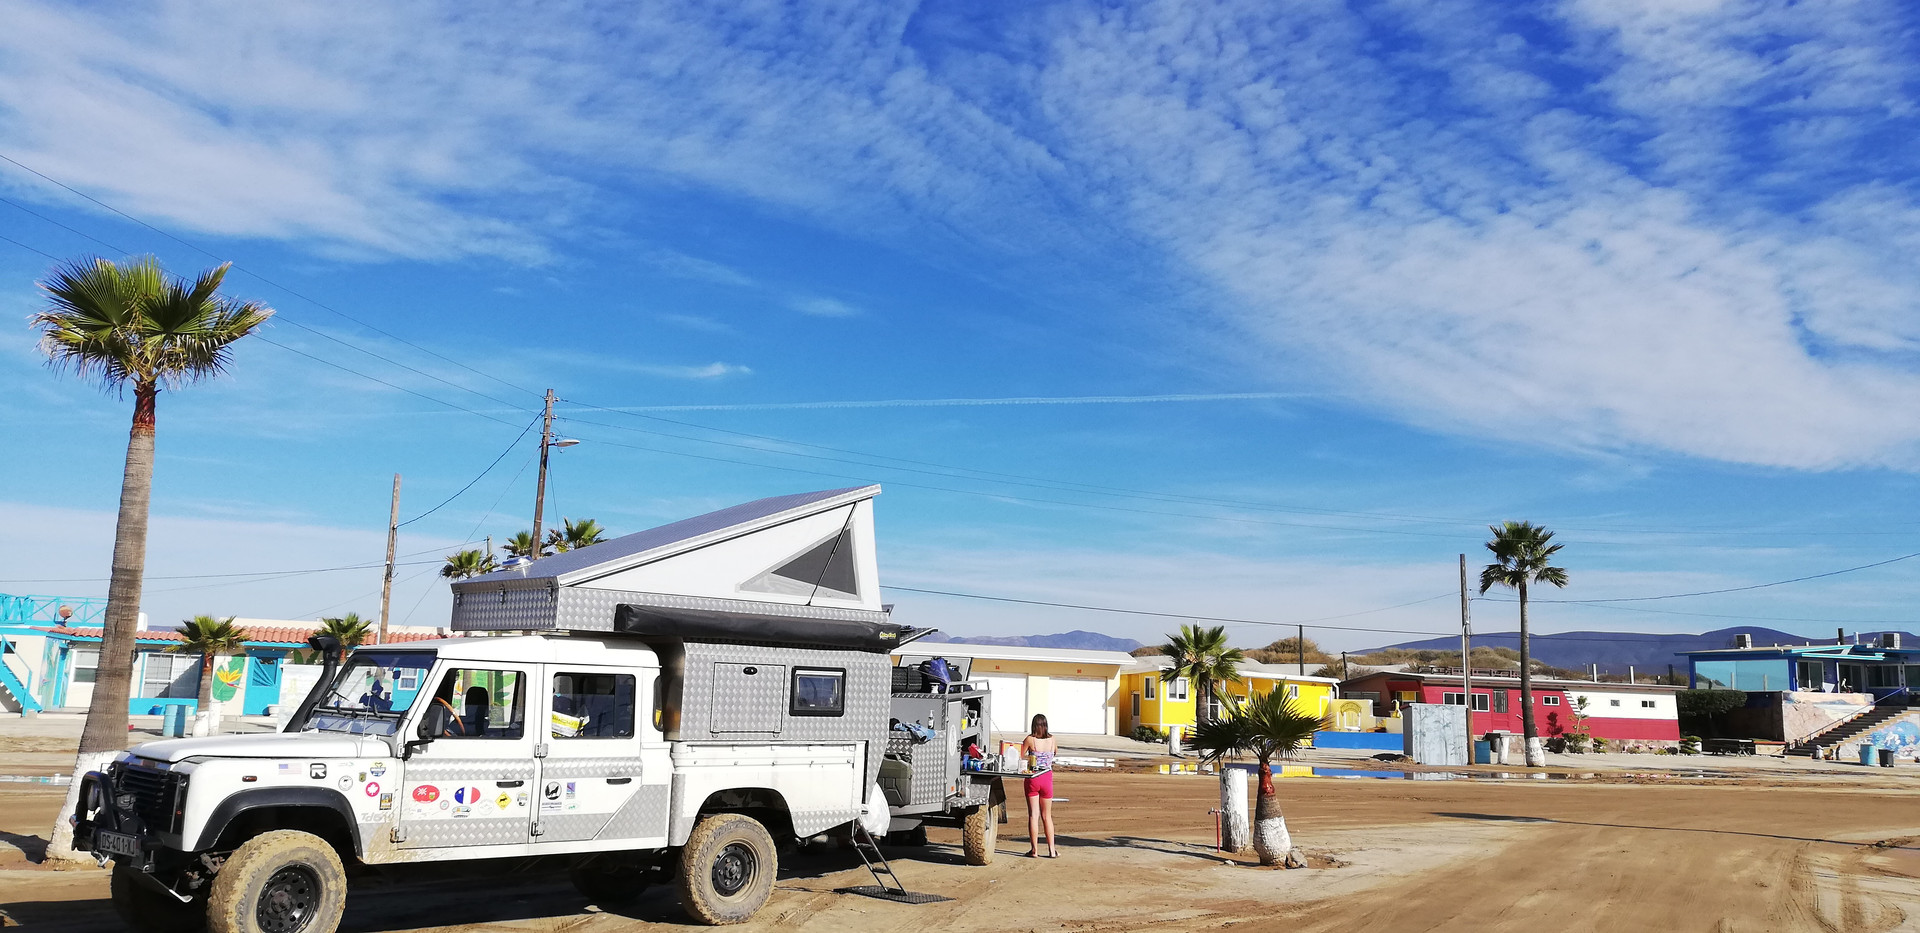 Camping Ensenada.jpg